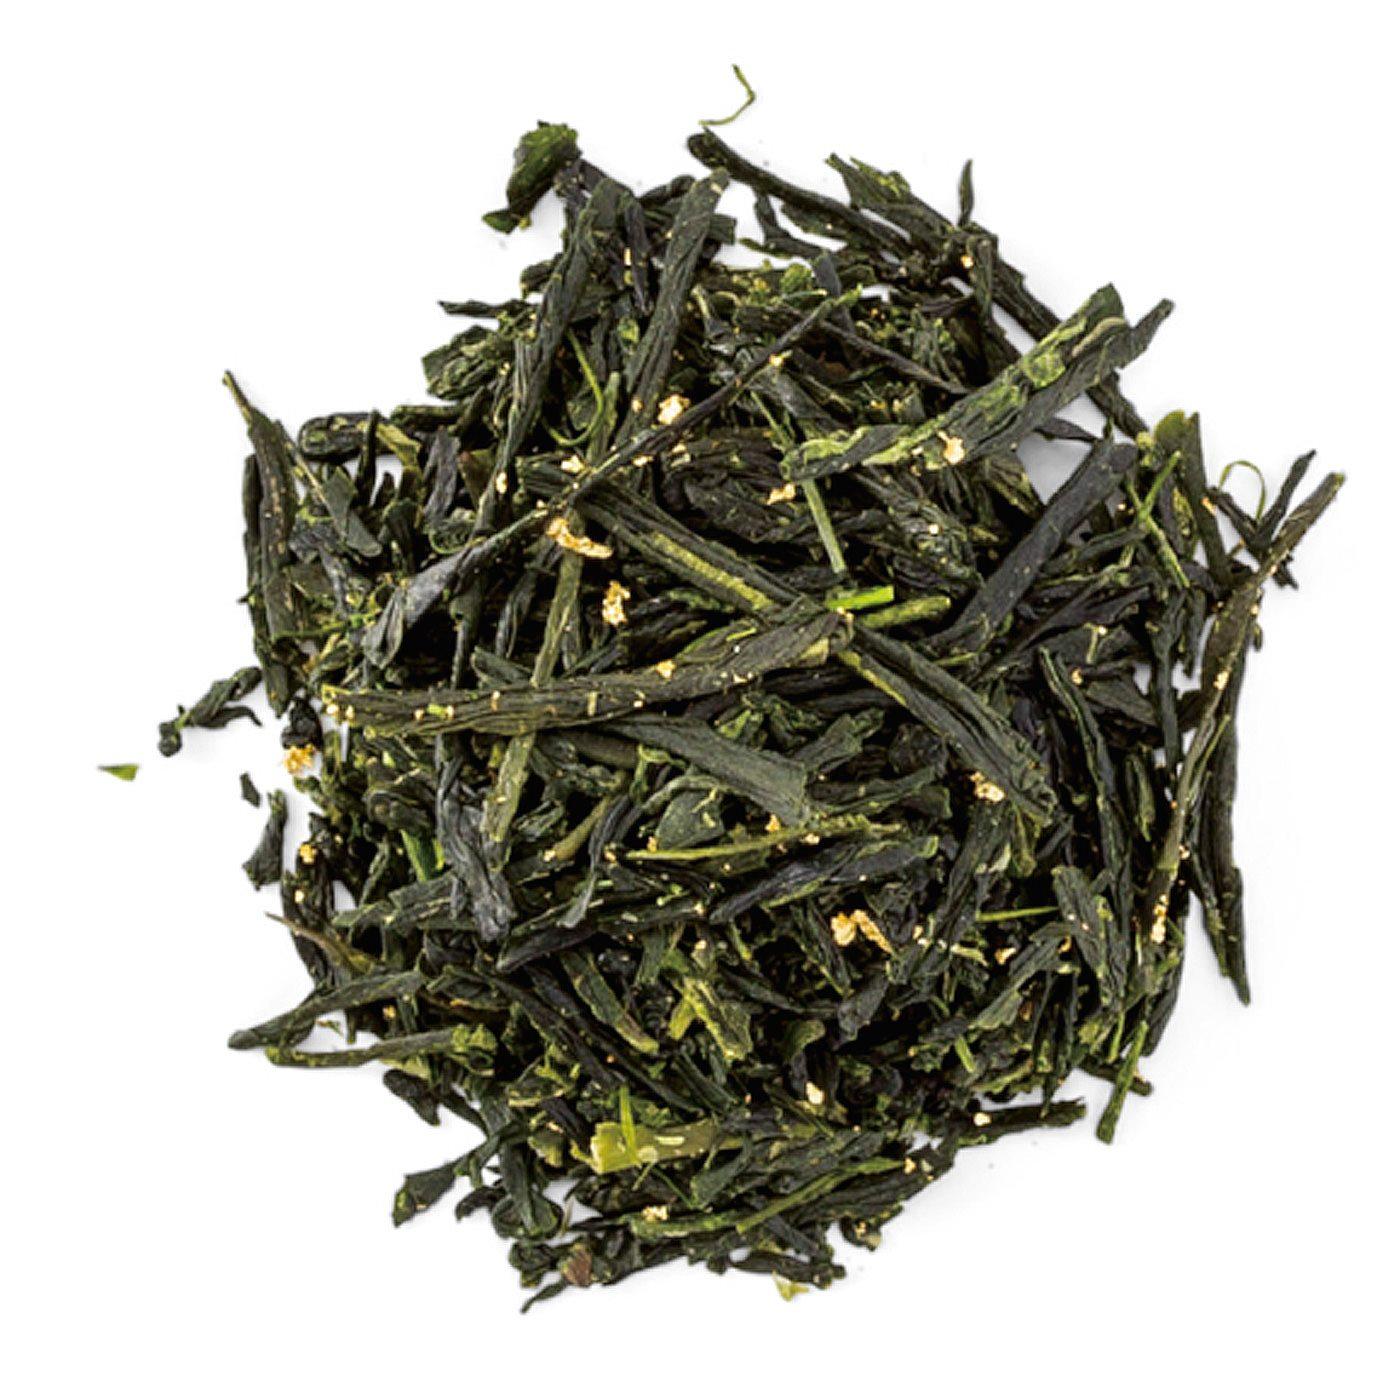 お茶ツウも納得の3種類  宇治玉露  甘味があり上品な後味